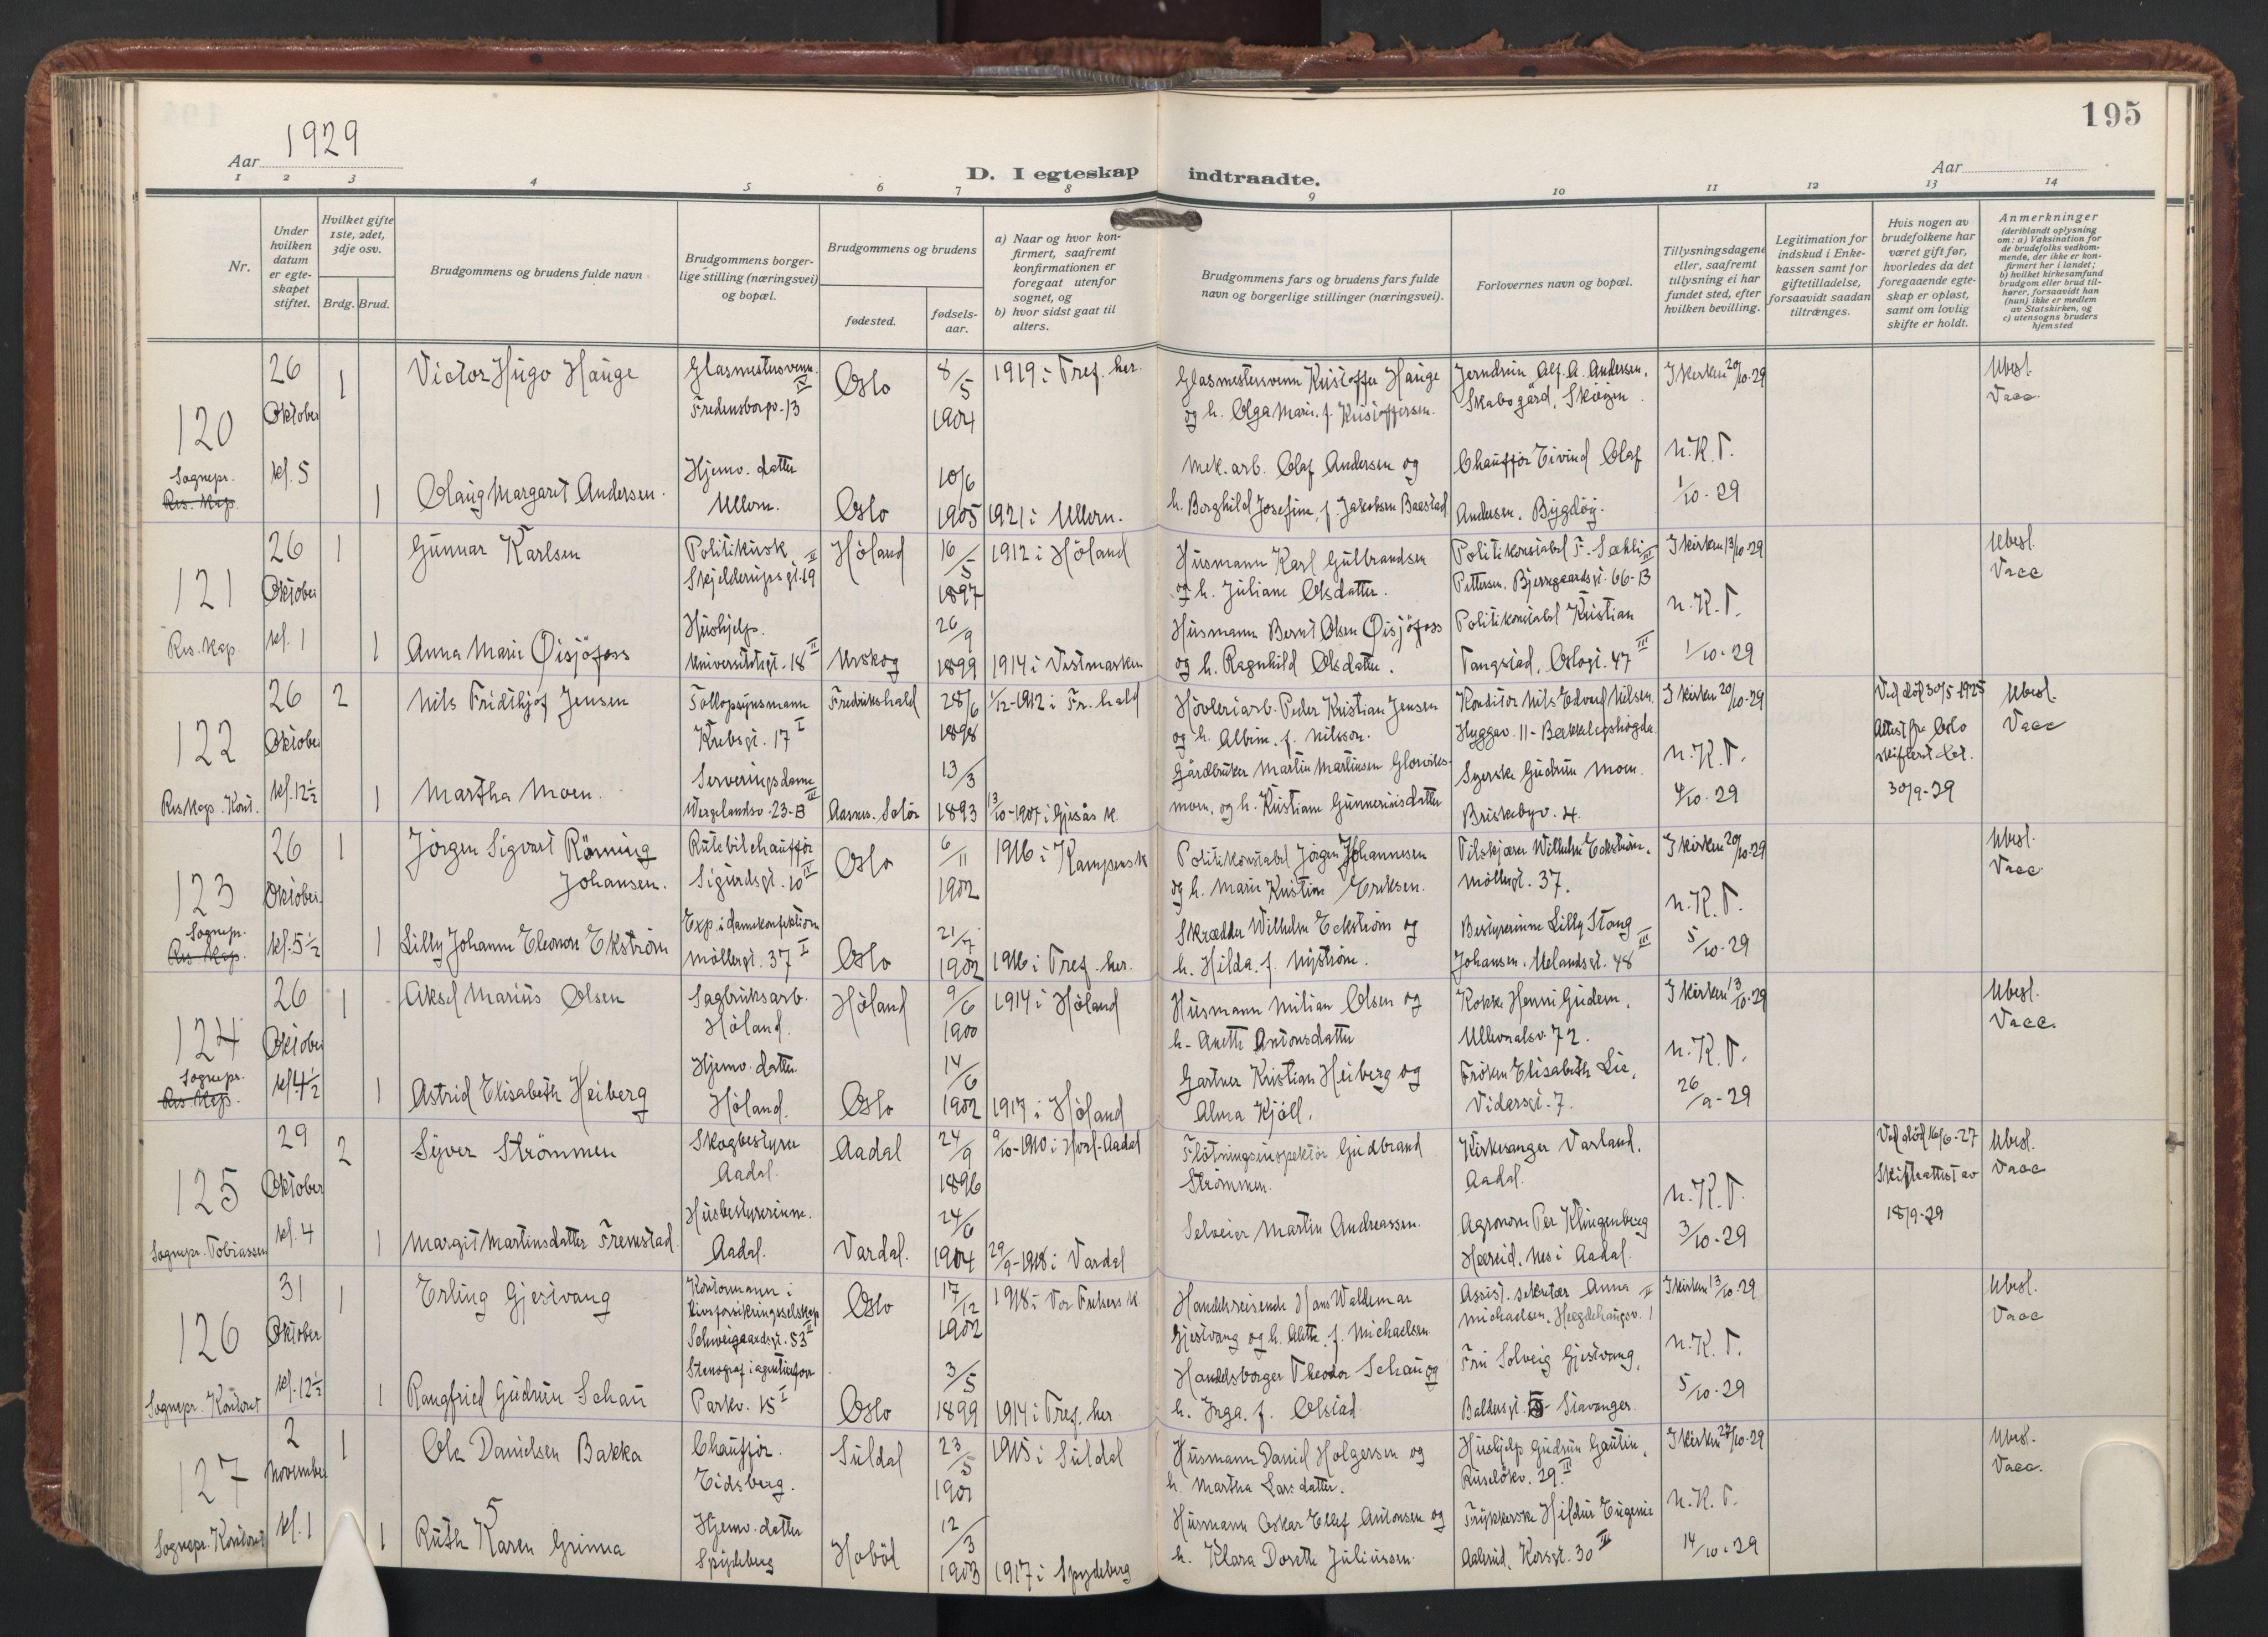 SAO, Trefoldighet prestekontor Kirkebøker, F/Fc/L0009: Ministerialbok nr. III 9, 1922-1936, s. 195